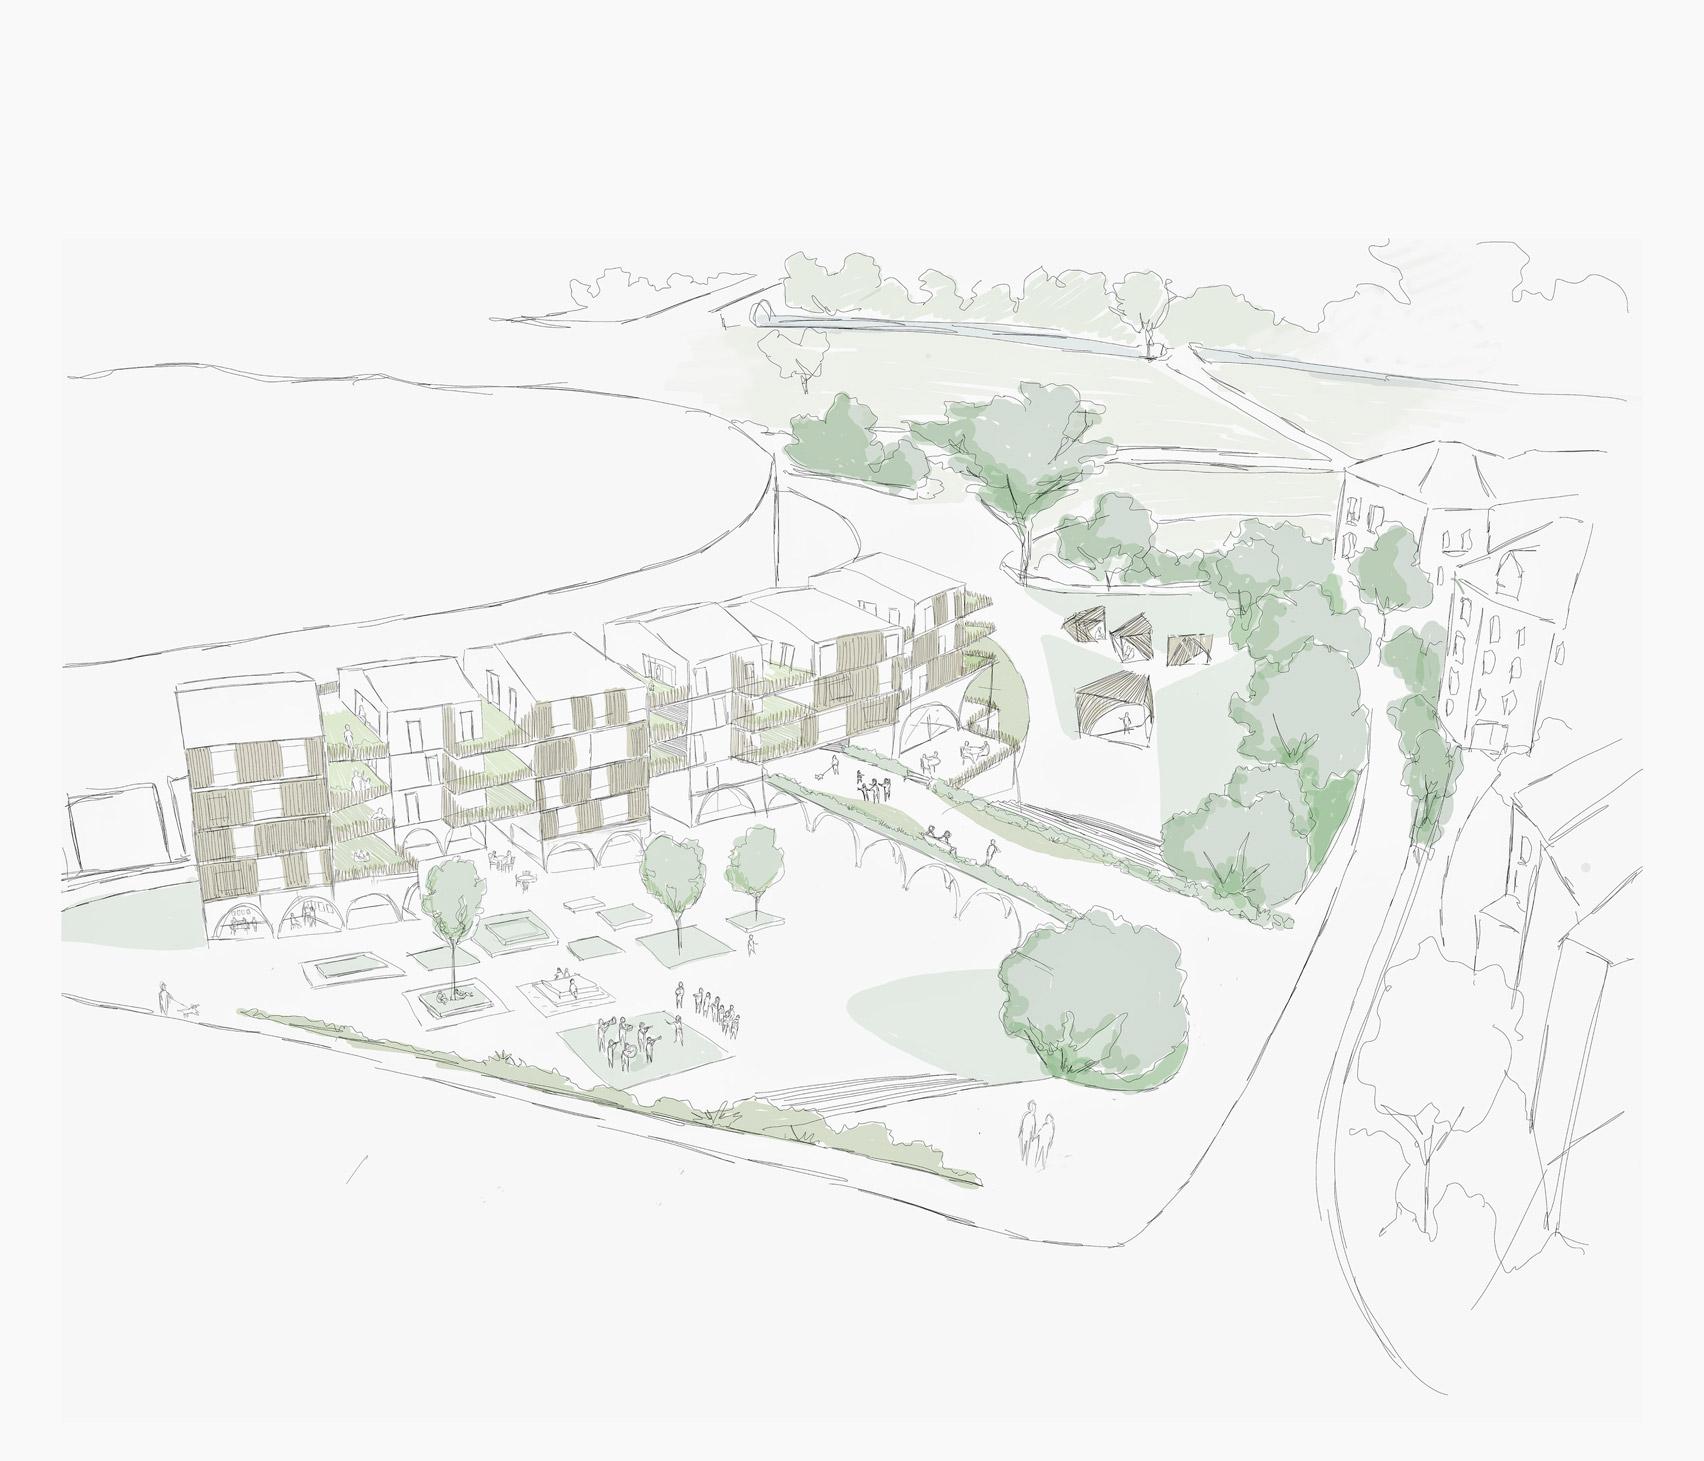 Polyvalent Housing by Ravan Hutchings